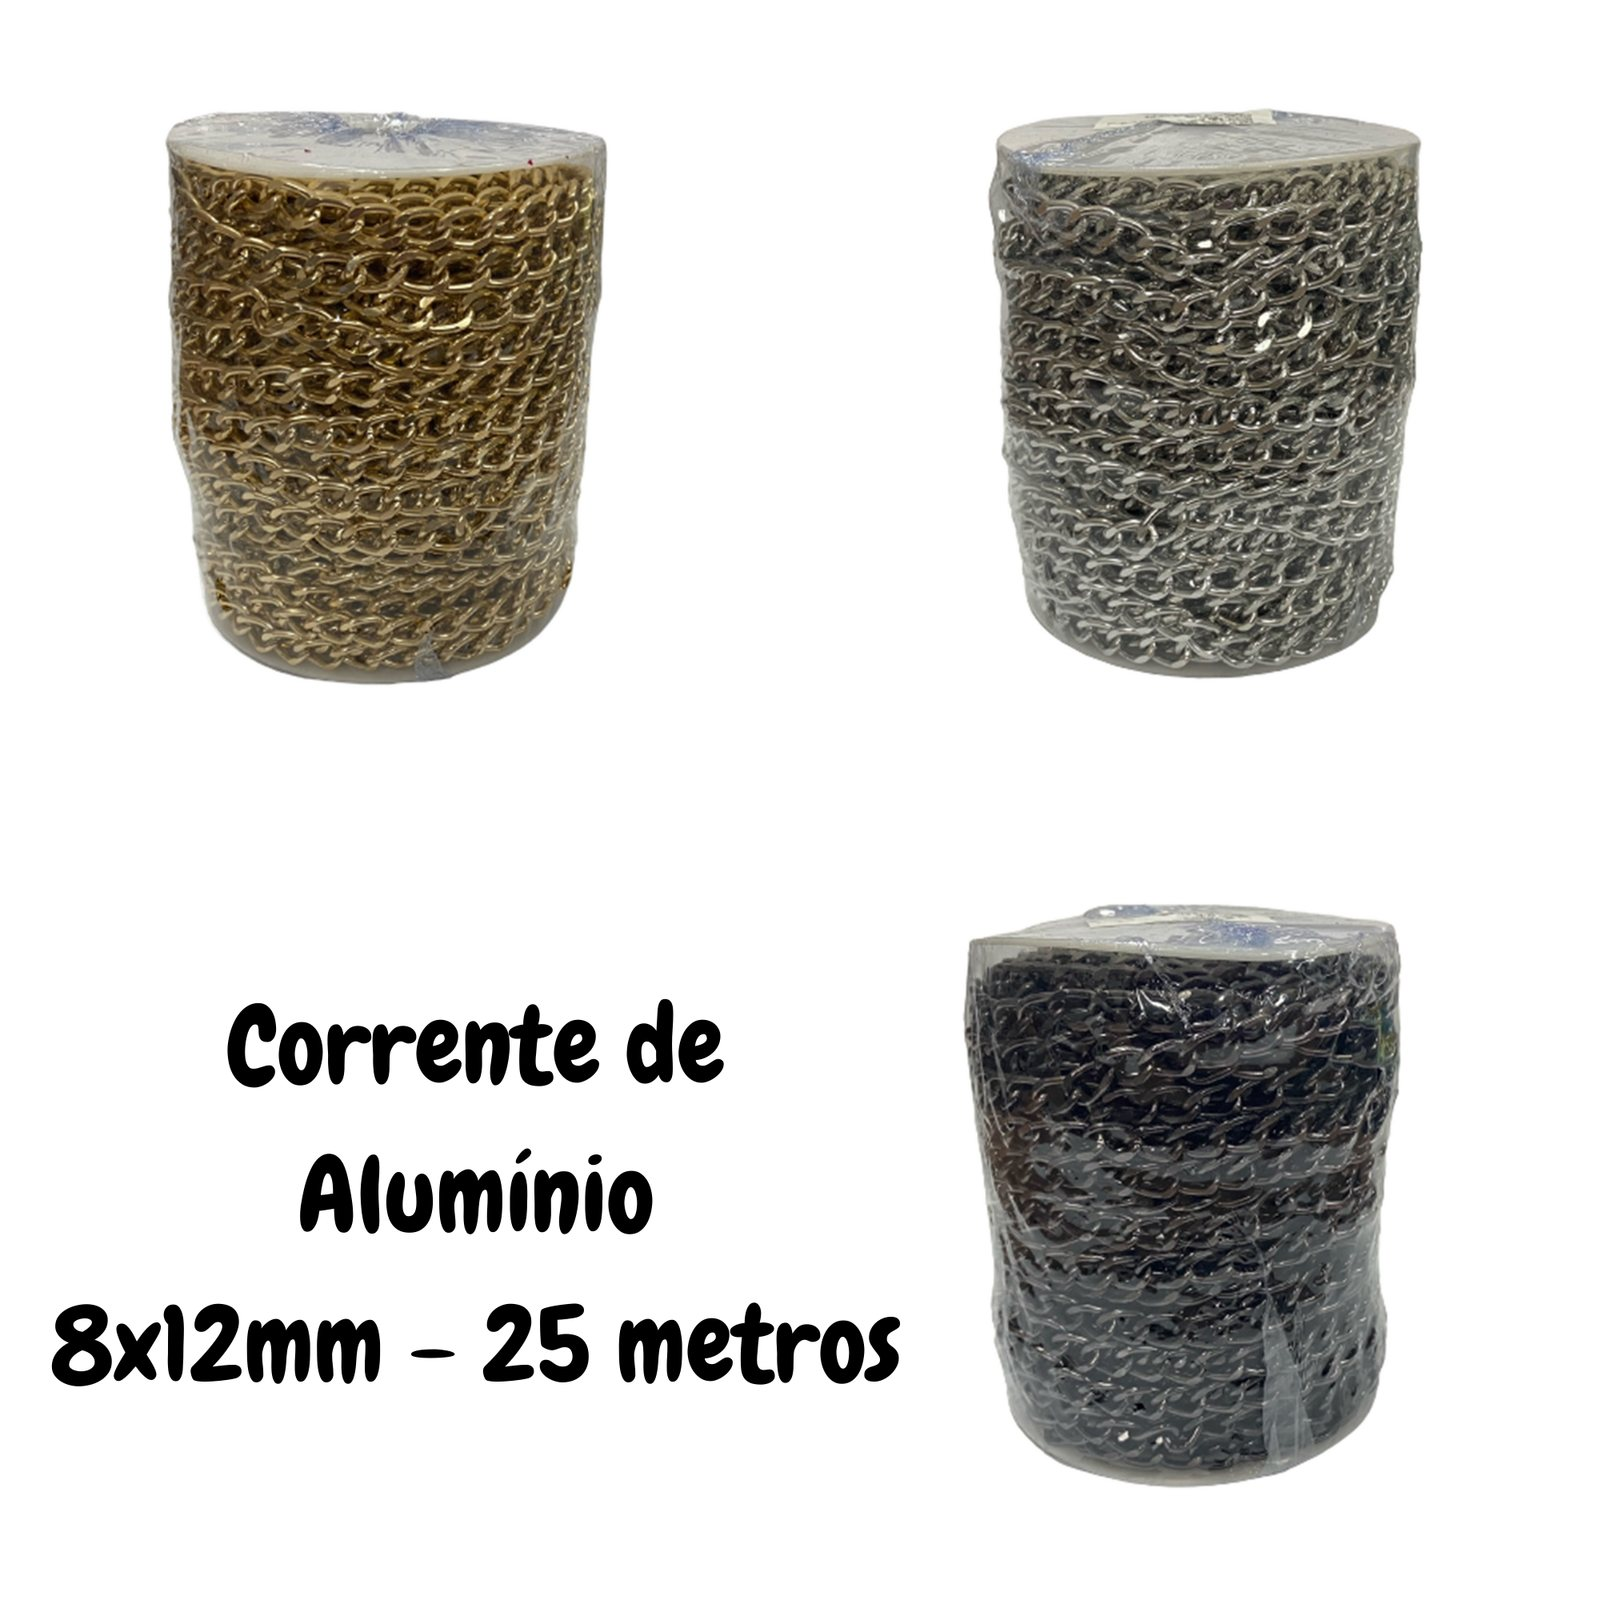 Corrente de Alumínio 8x12mm - 25 metros